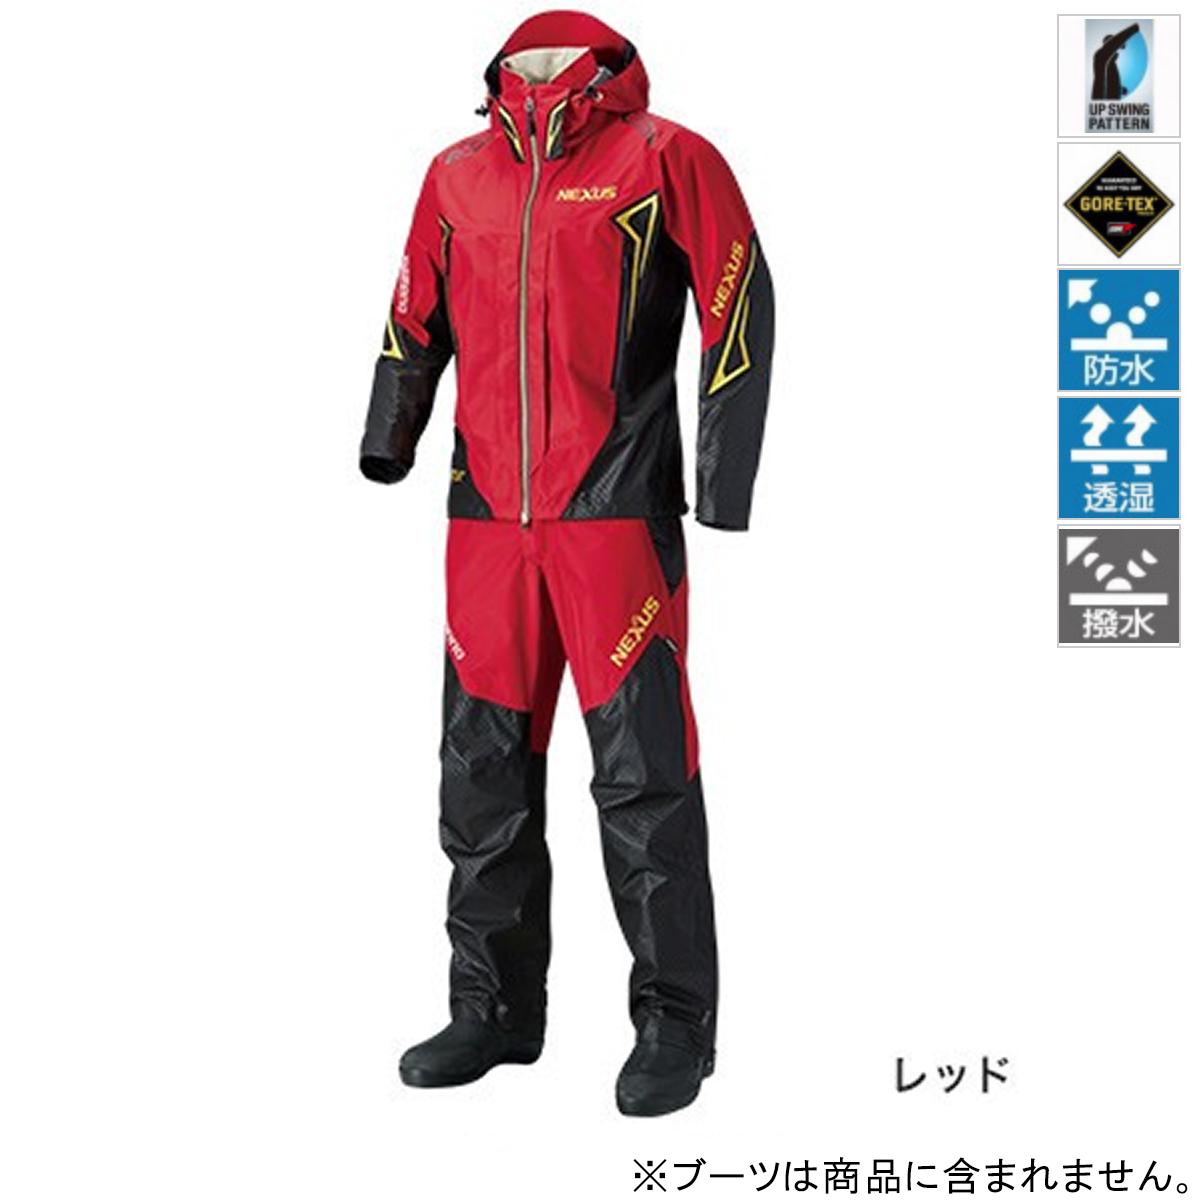 シマノ NEXUS GORE-TEX レインスーツ EX RA-119R 2XL レッド